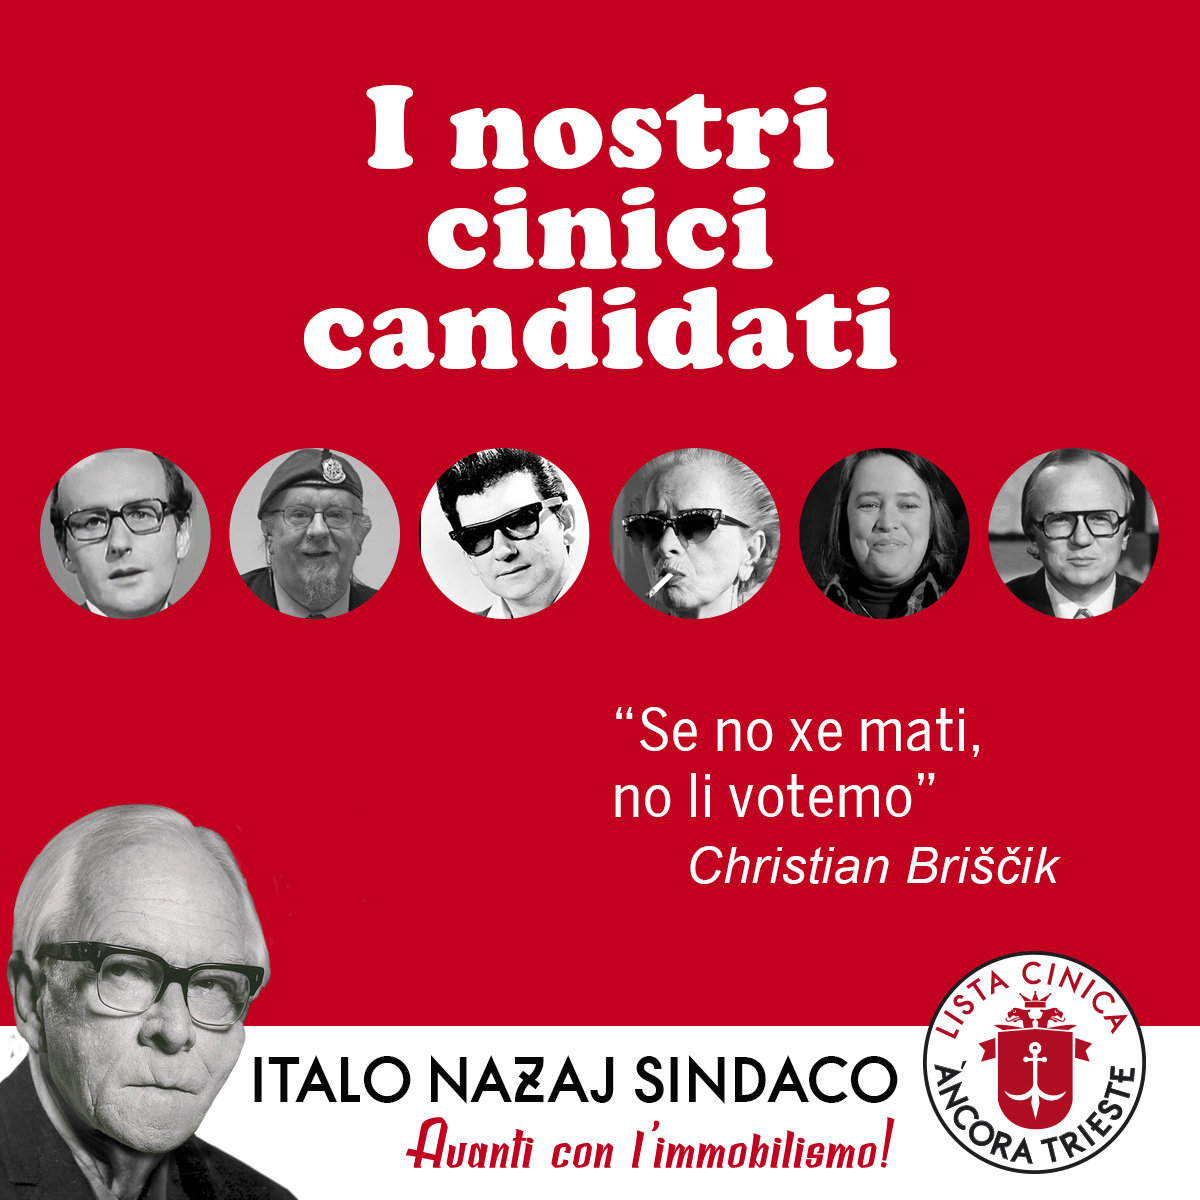 01_AncoraTS_Candidati